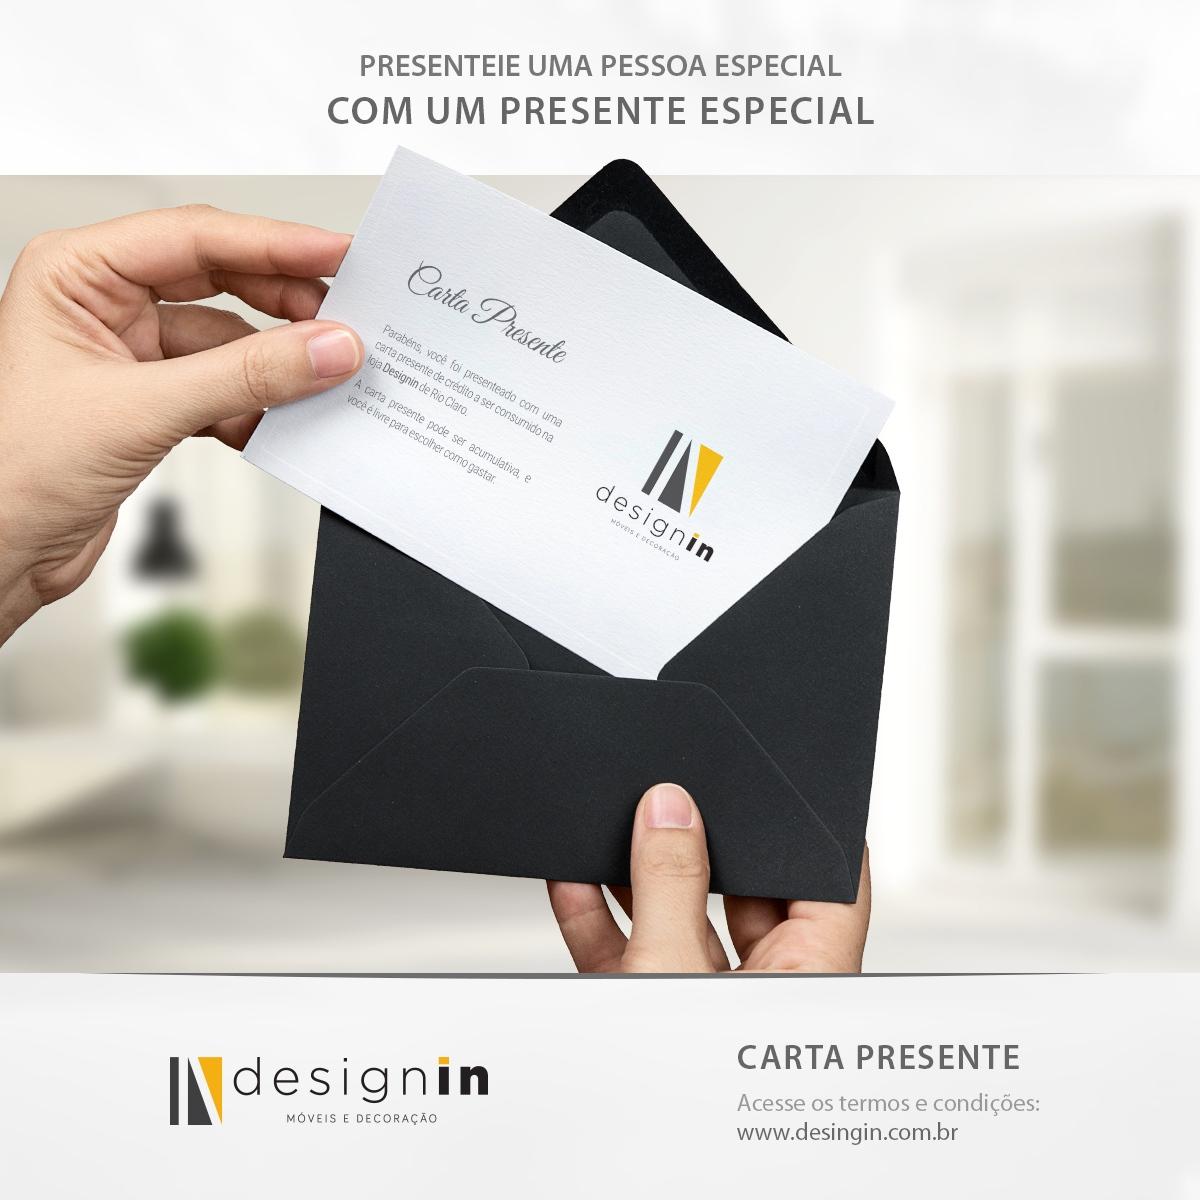 Divulgação Carta Presente Designin Store